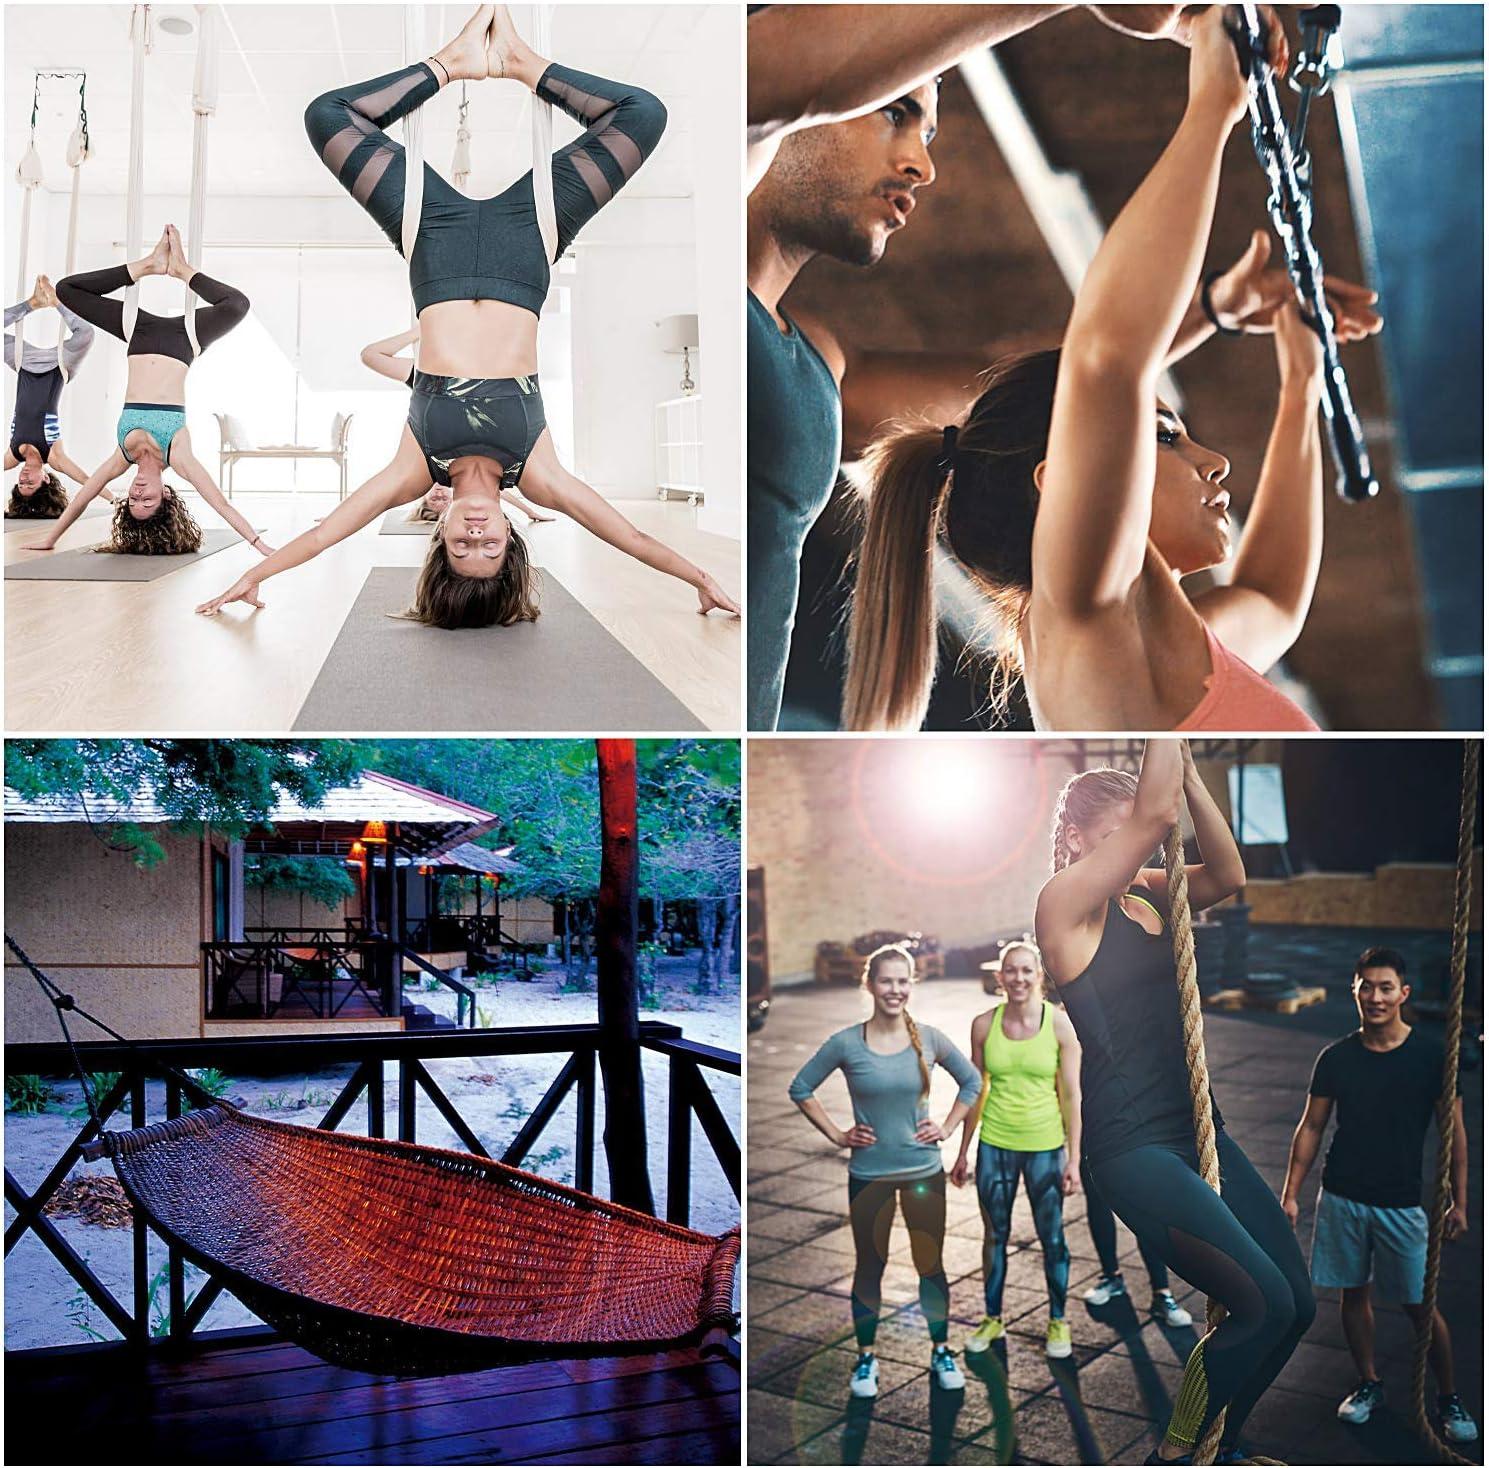 Heavy Duty Swing Hangers 900KG Capacity FORMIZON Set of 2 Swing Hangers Hooks Stainless Steel 180/°Swivel Hammock Hooks for Concrete Wooden Sets Yoga Hammock Chair Sandbag Swing